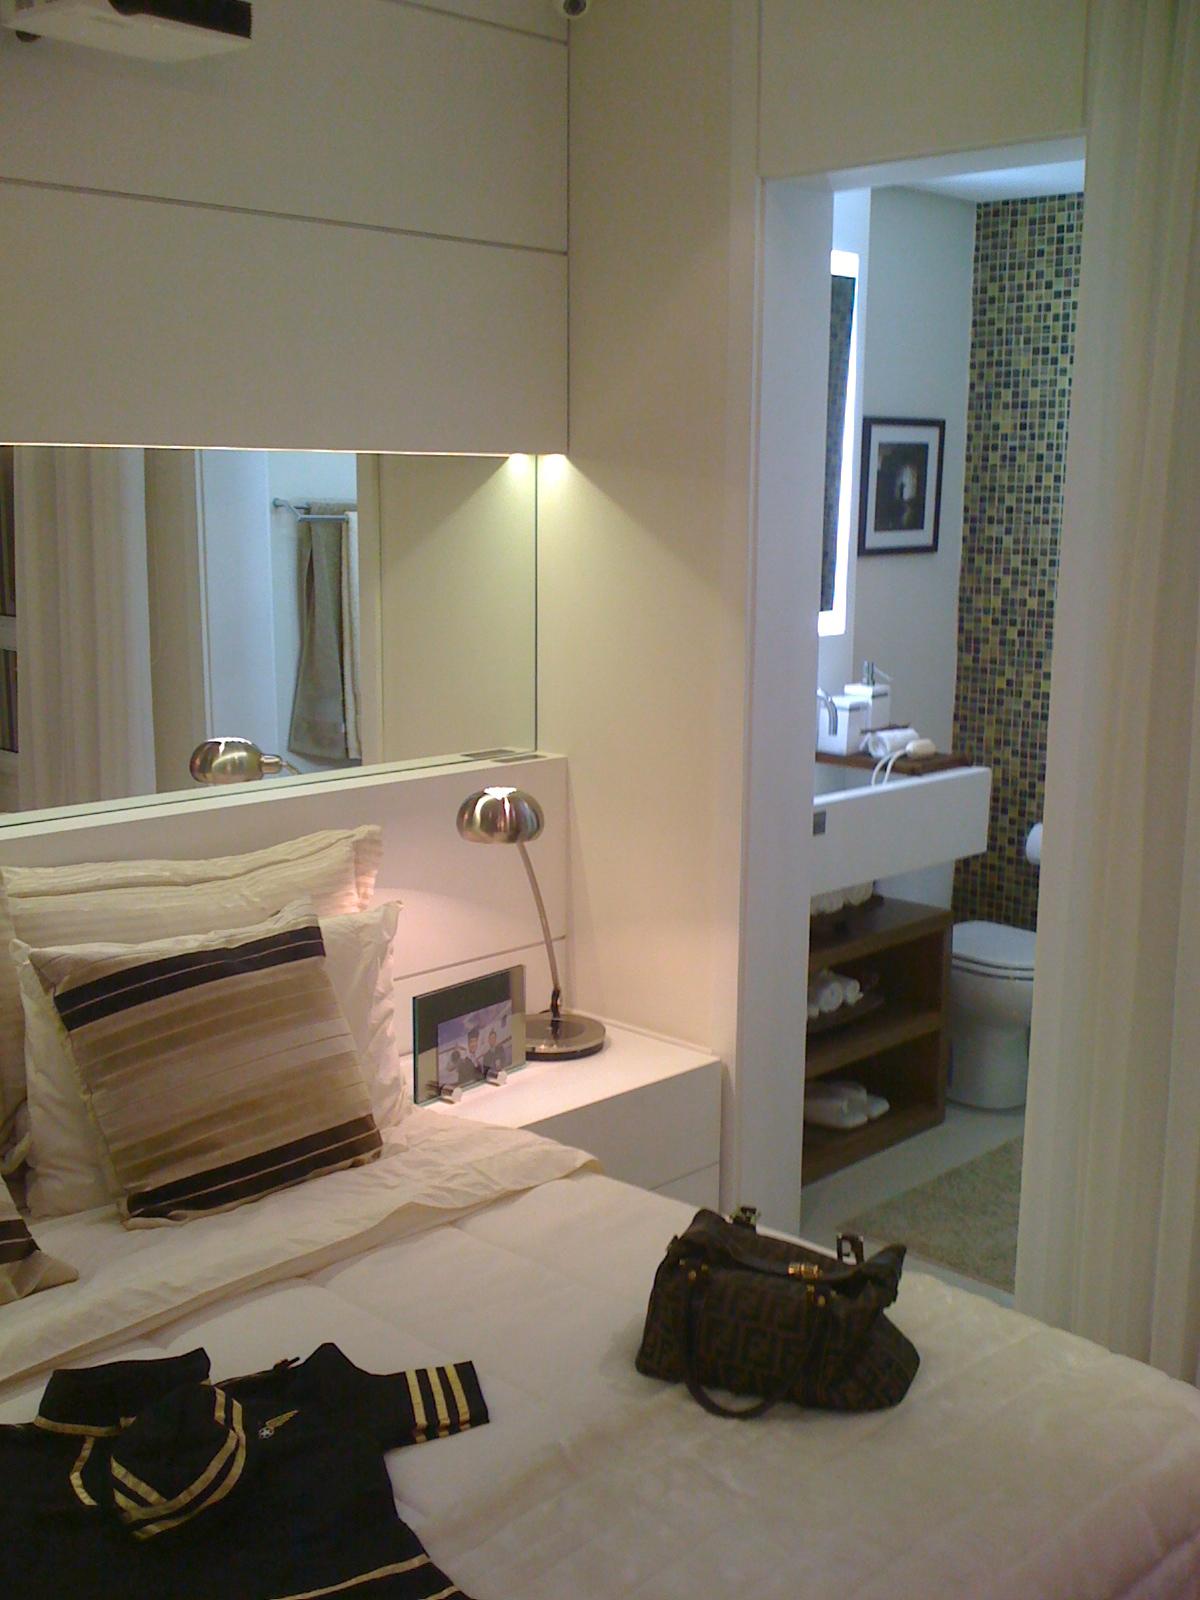 Sua Casa Seu Espelho: Os truques do apartamento decorado #40698B 1200x1600 Banheiro De Apartamento Decorado Pequeno